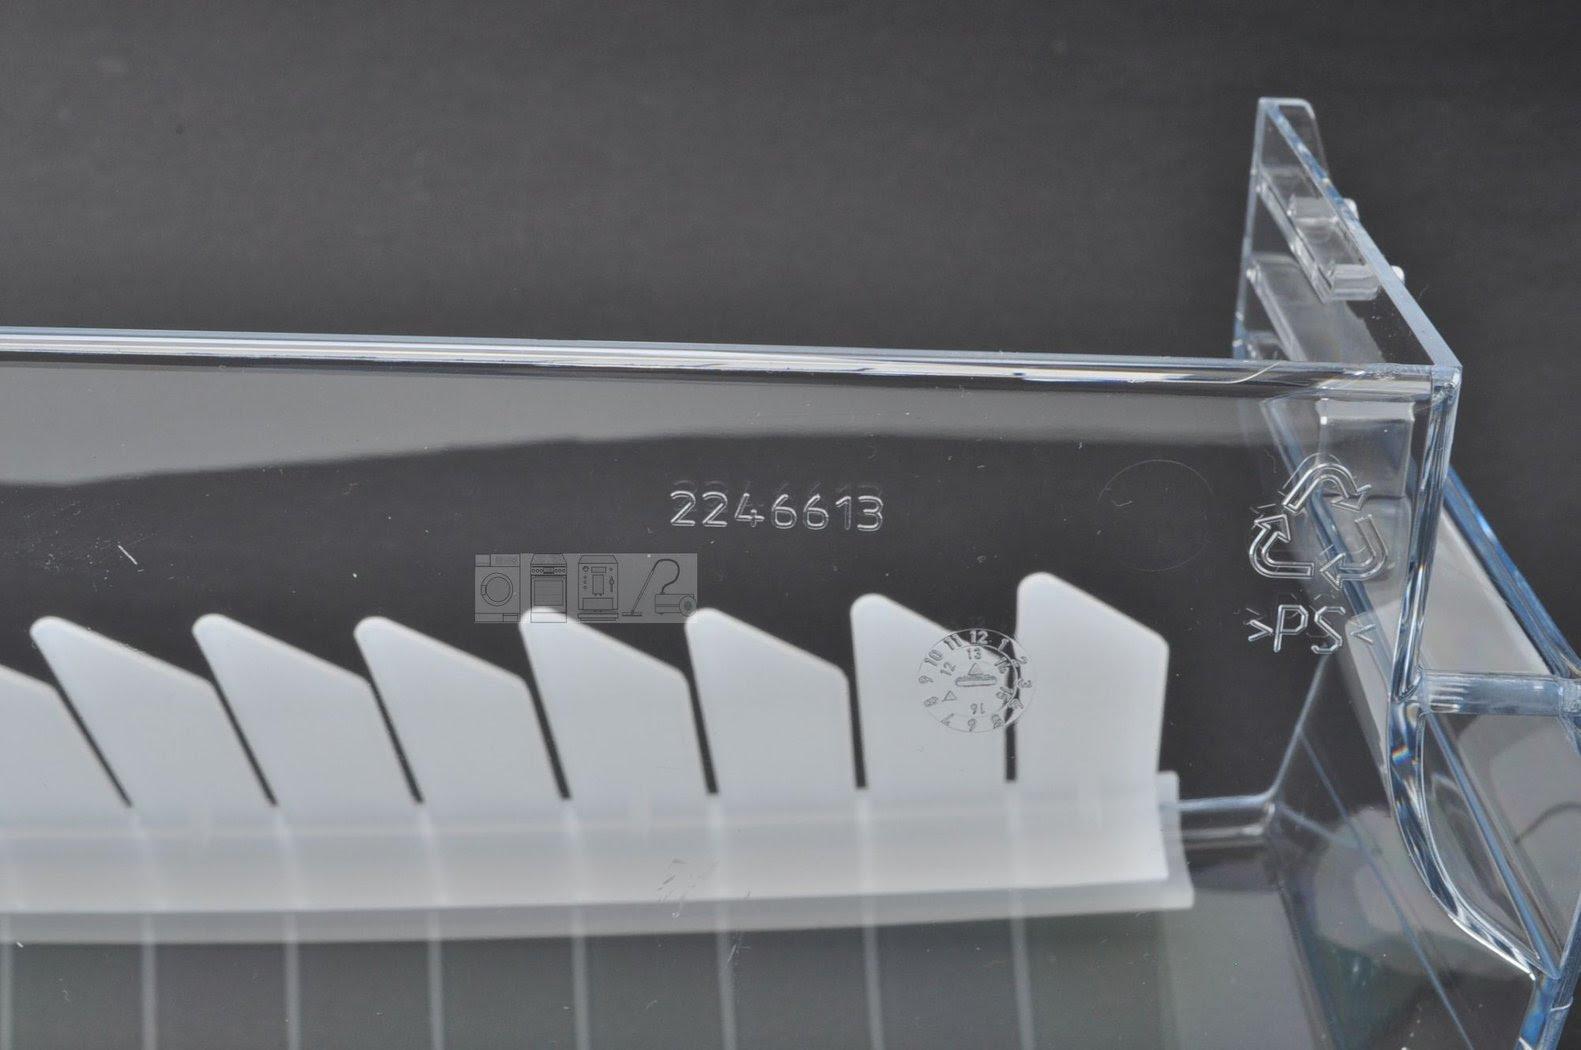 Amica Kühlschrank Flaschenfach : Ersatzteile privileg kühlschrank flaschenfach catherine lybarger